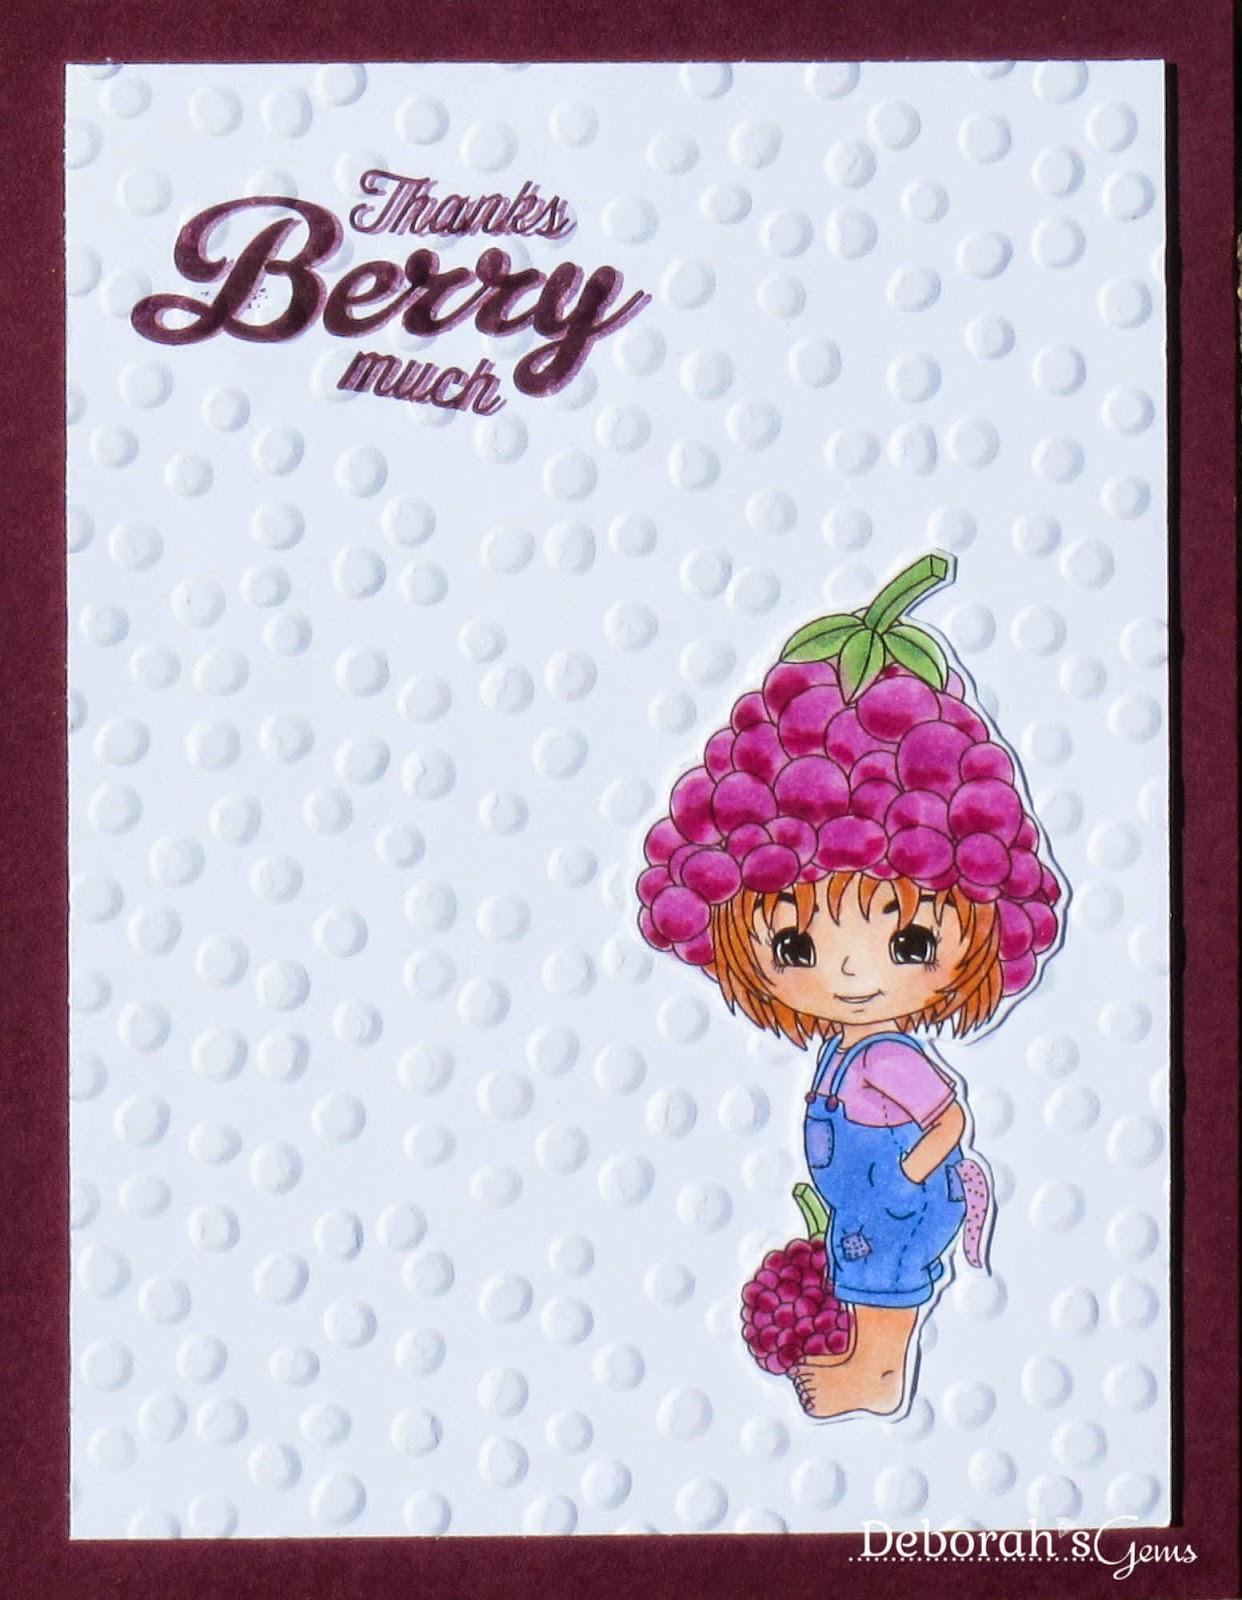 Thanks Berry Much - photo by Deborah Frings - Deborah's Gems